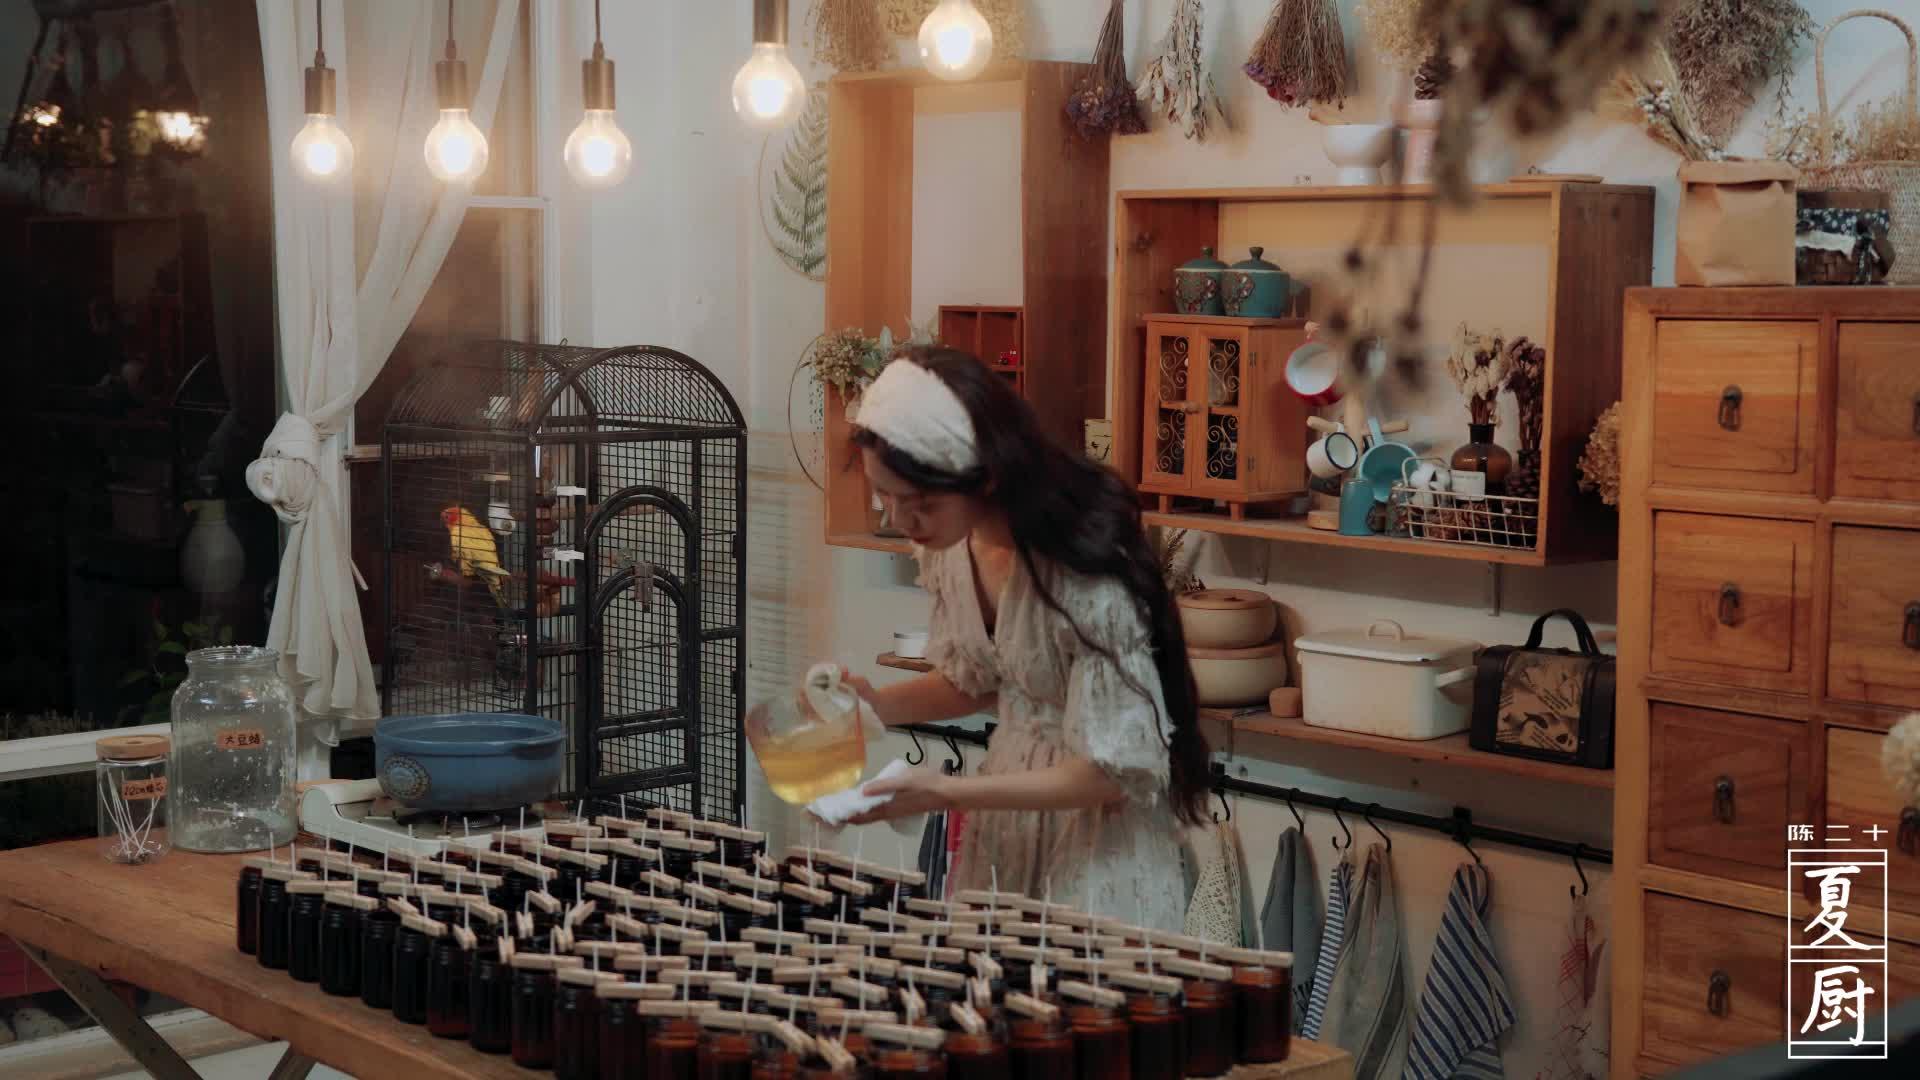 初夏,用家里的盆栽煎牛排,自制的香薰蜡烛烛光晚餐